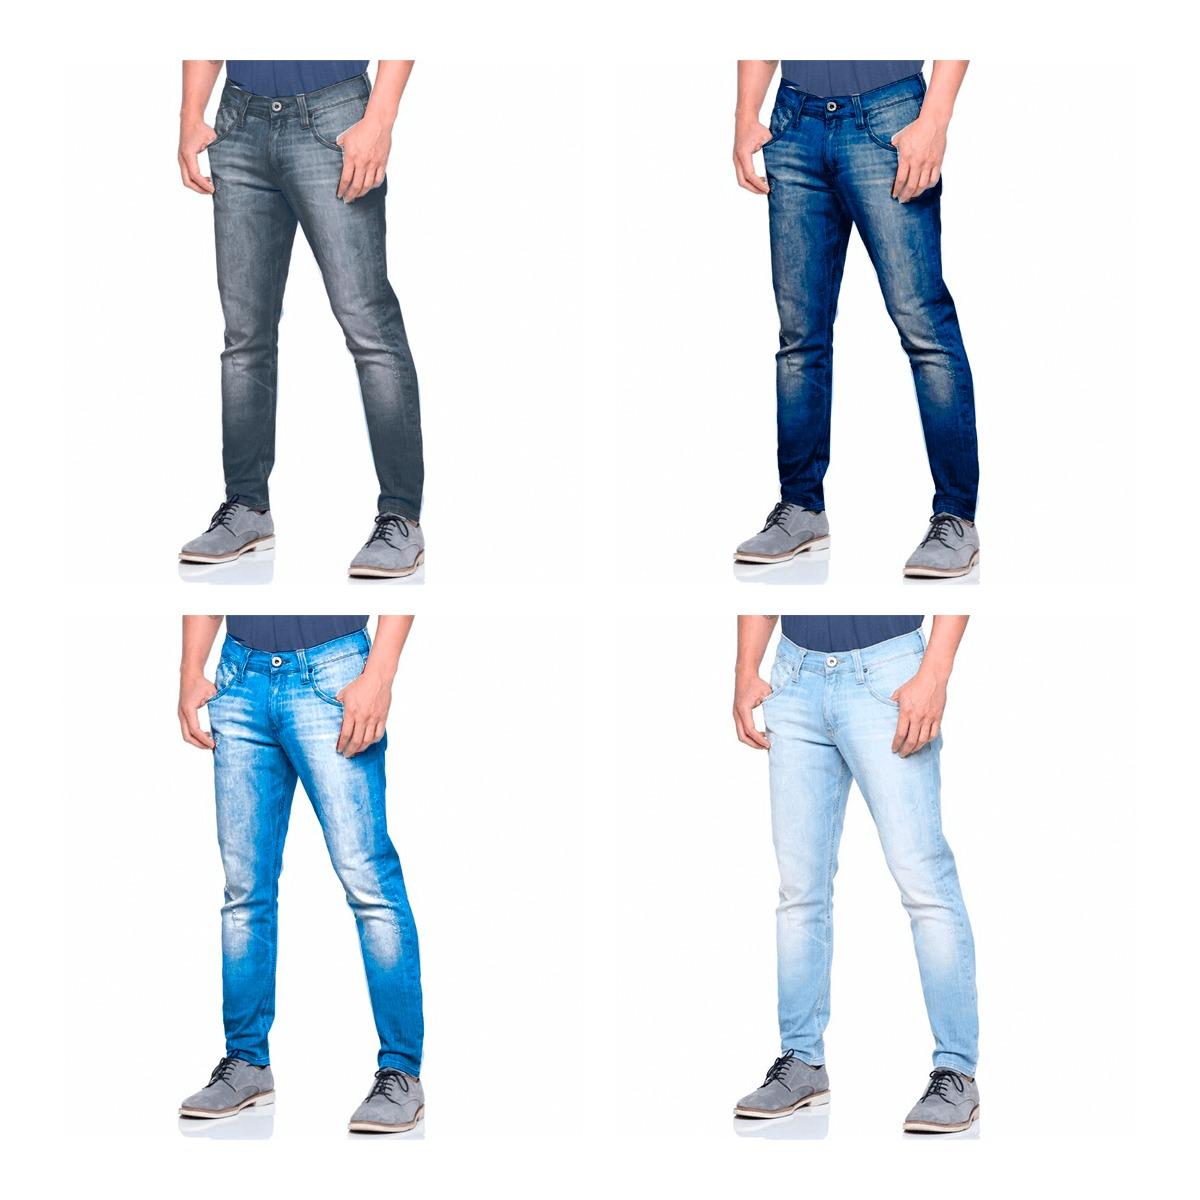 calça jeans masculina de marca slim skinny top atacado. Carregando zoom. 104bbdf7fa6